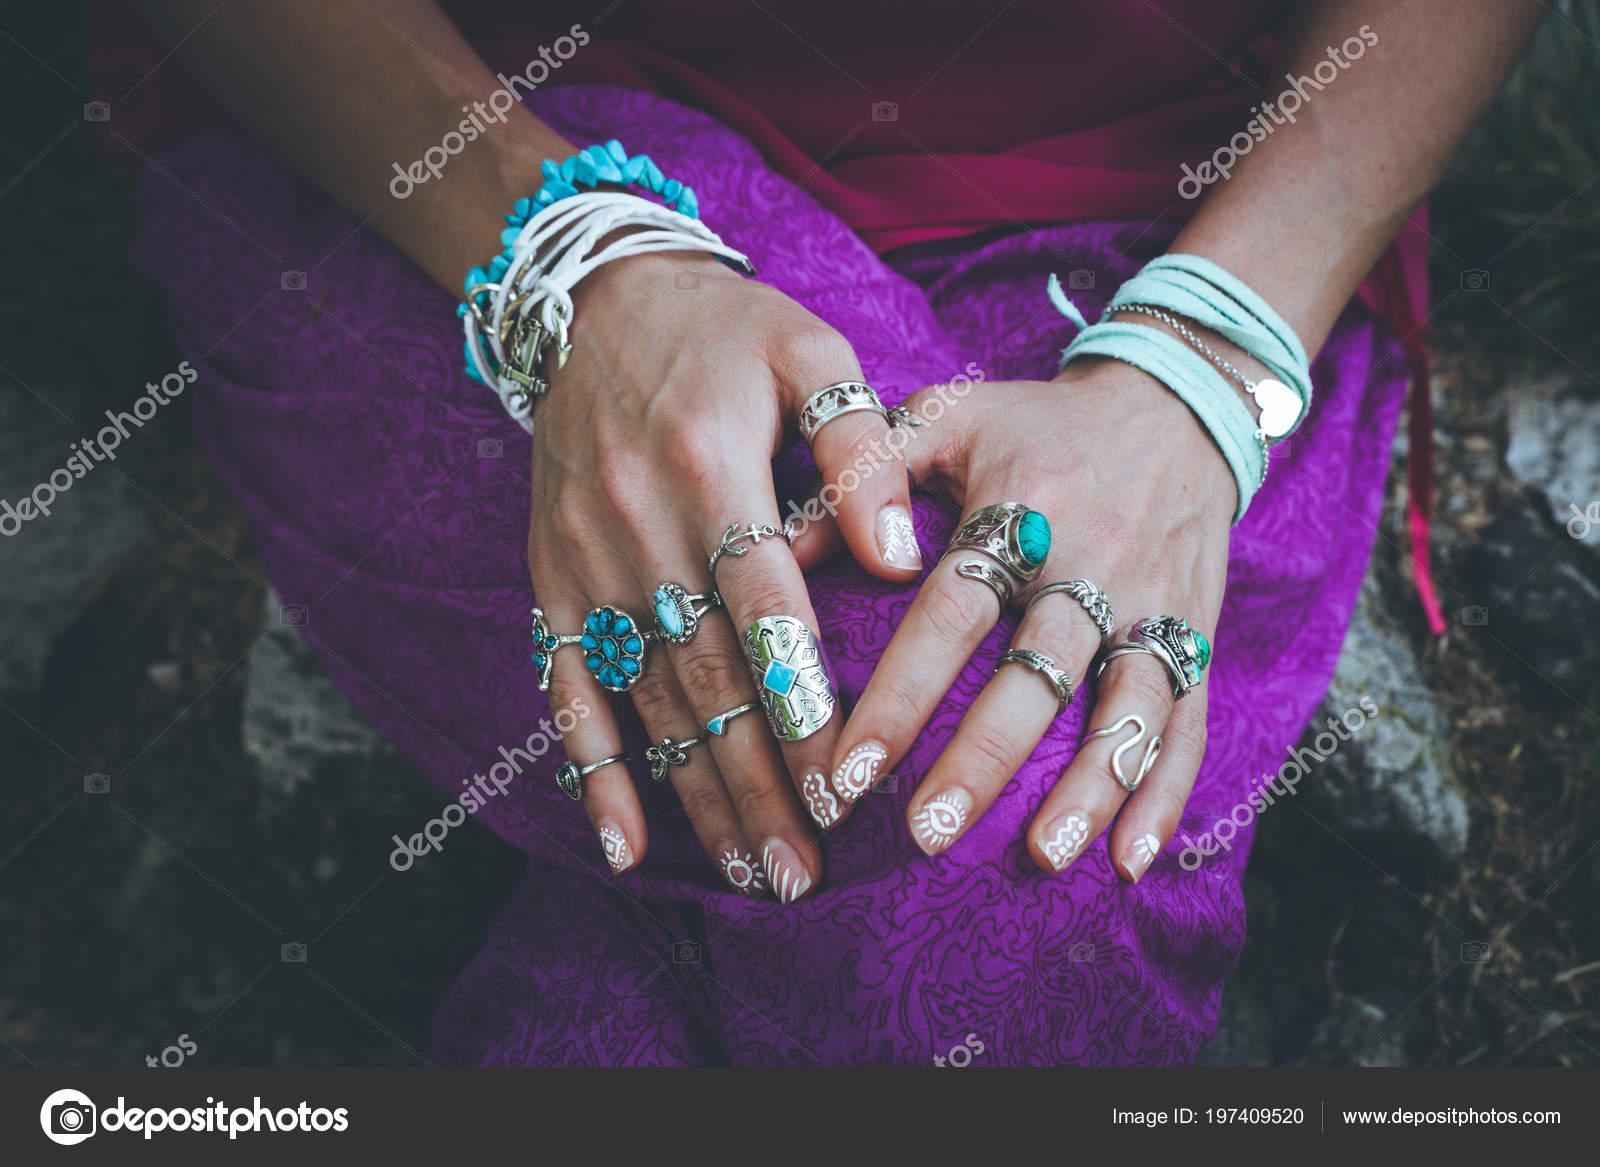 f4f5e0ea36b1 Cerca Las Manos Mujer Joven Con Anillos Accesorios Boho Pulseras ...